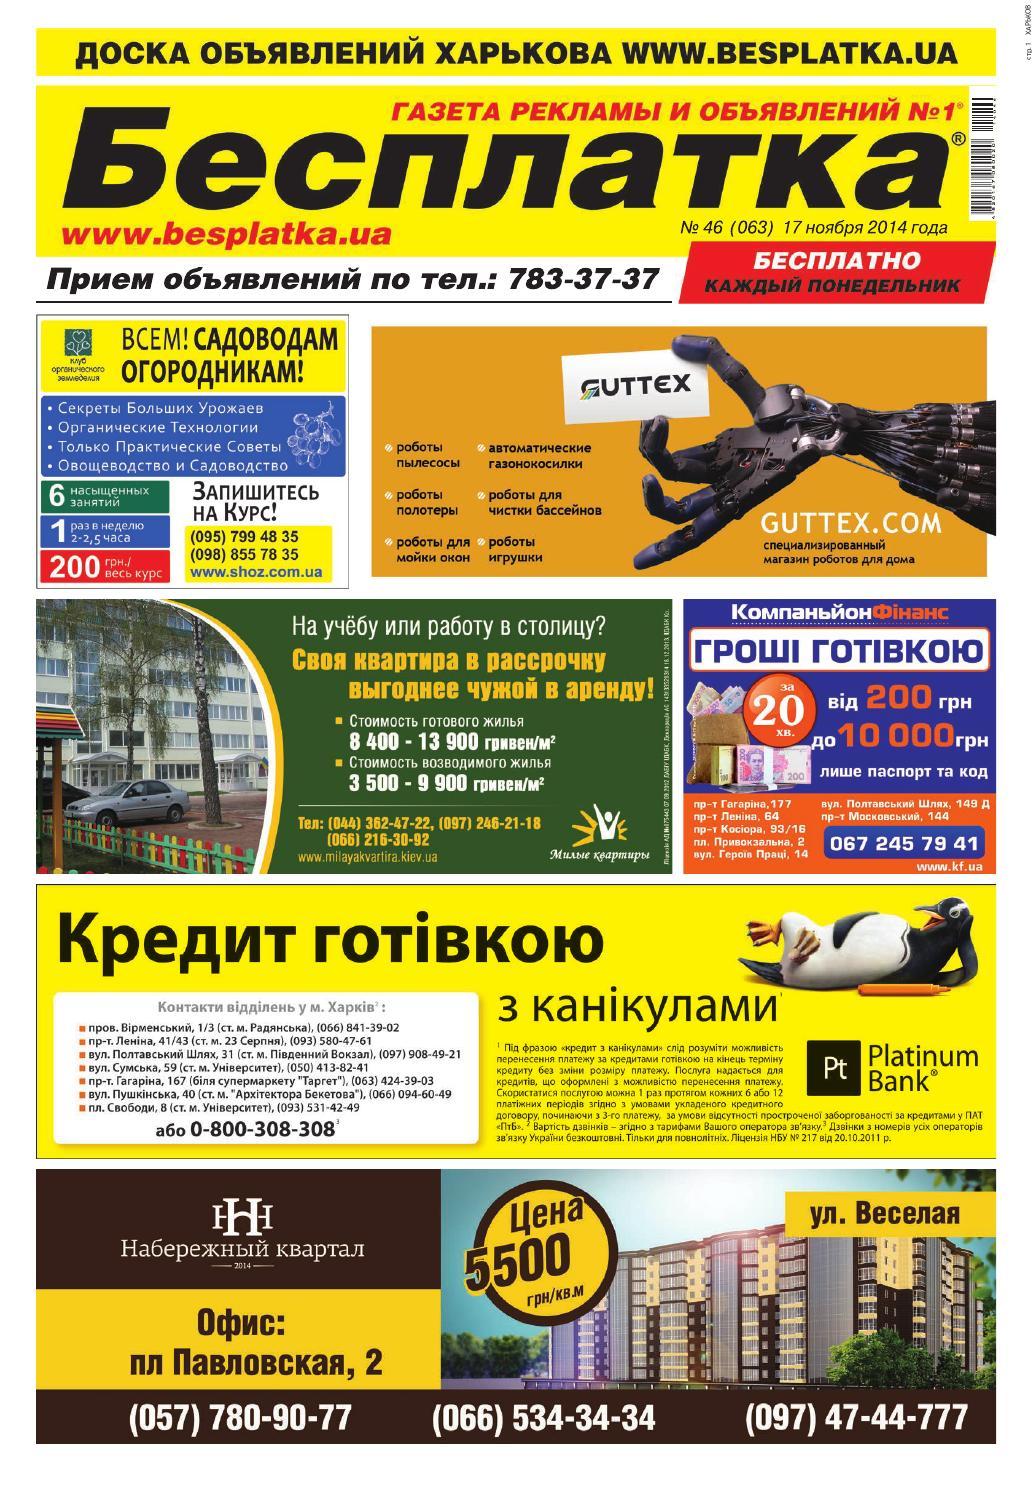 ccd549f295fb Besplatka kharkov 17 11 2014 by besplatka ukraine - issuu